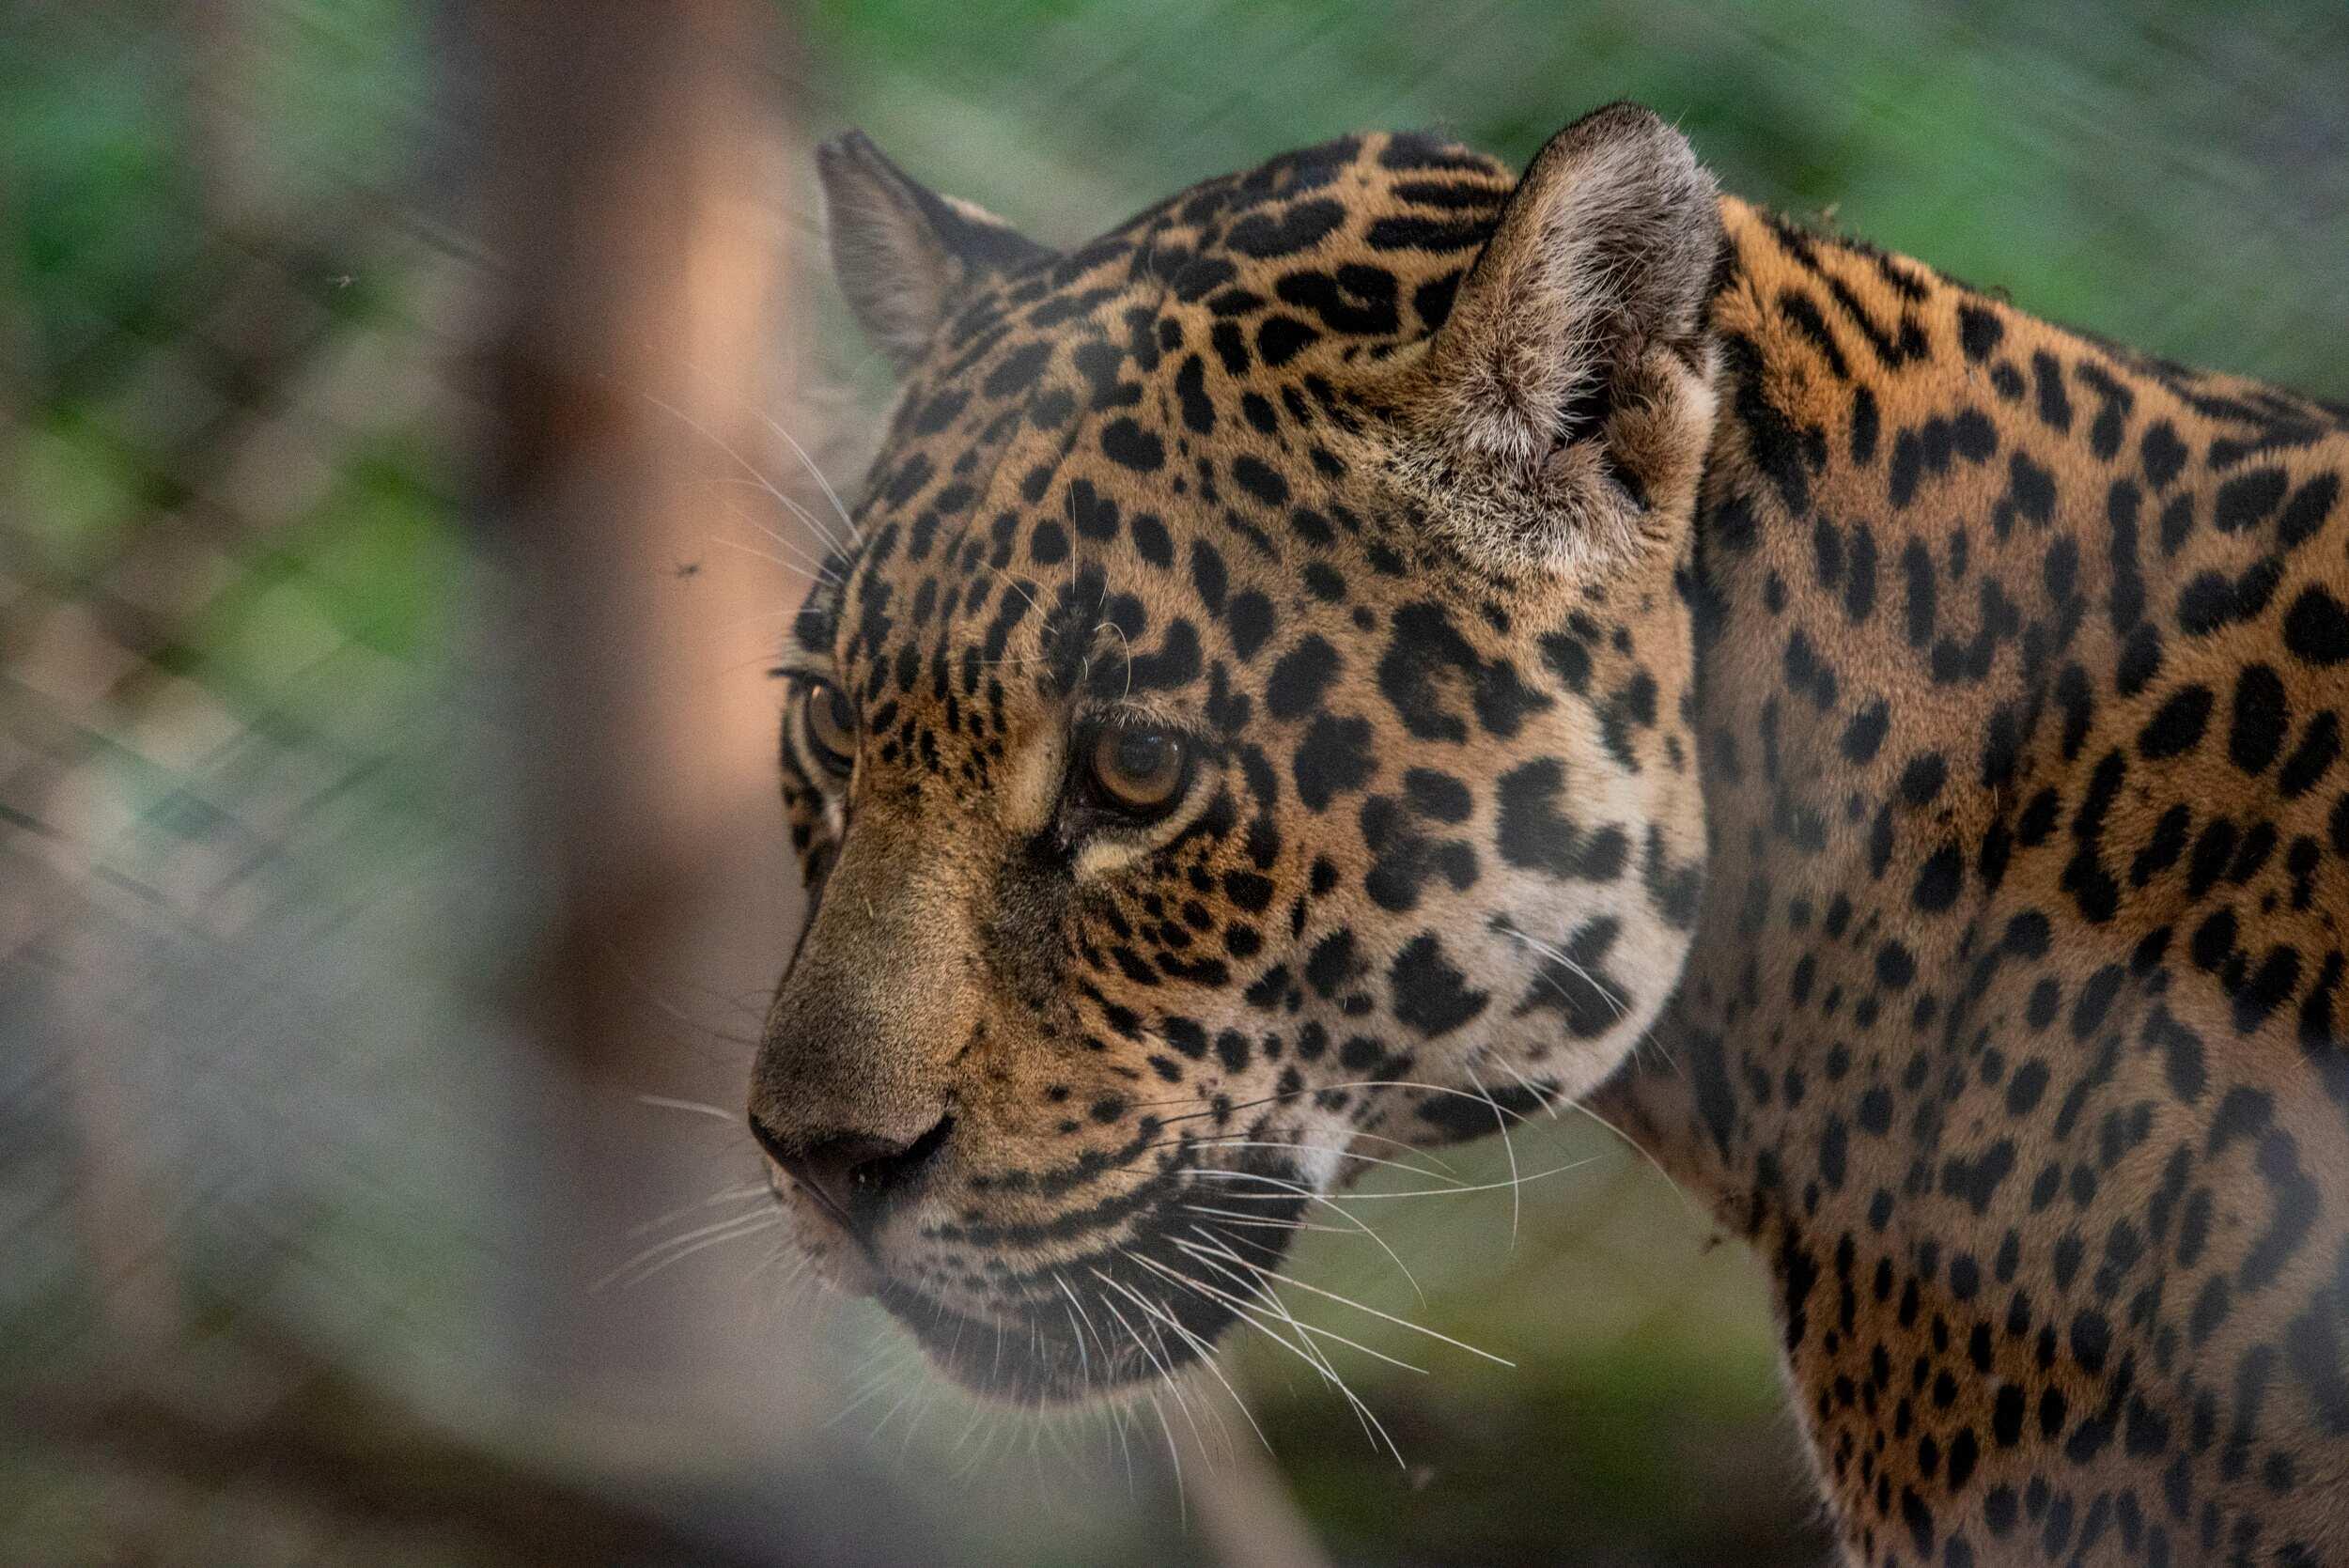 Tania, una mujer jaguar que creció en un zoológico (vía REUTERS)